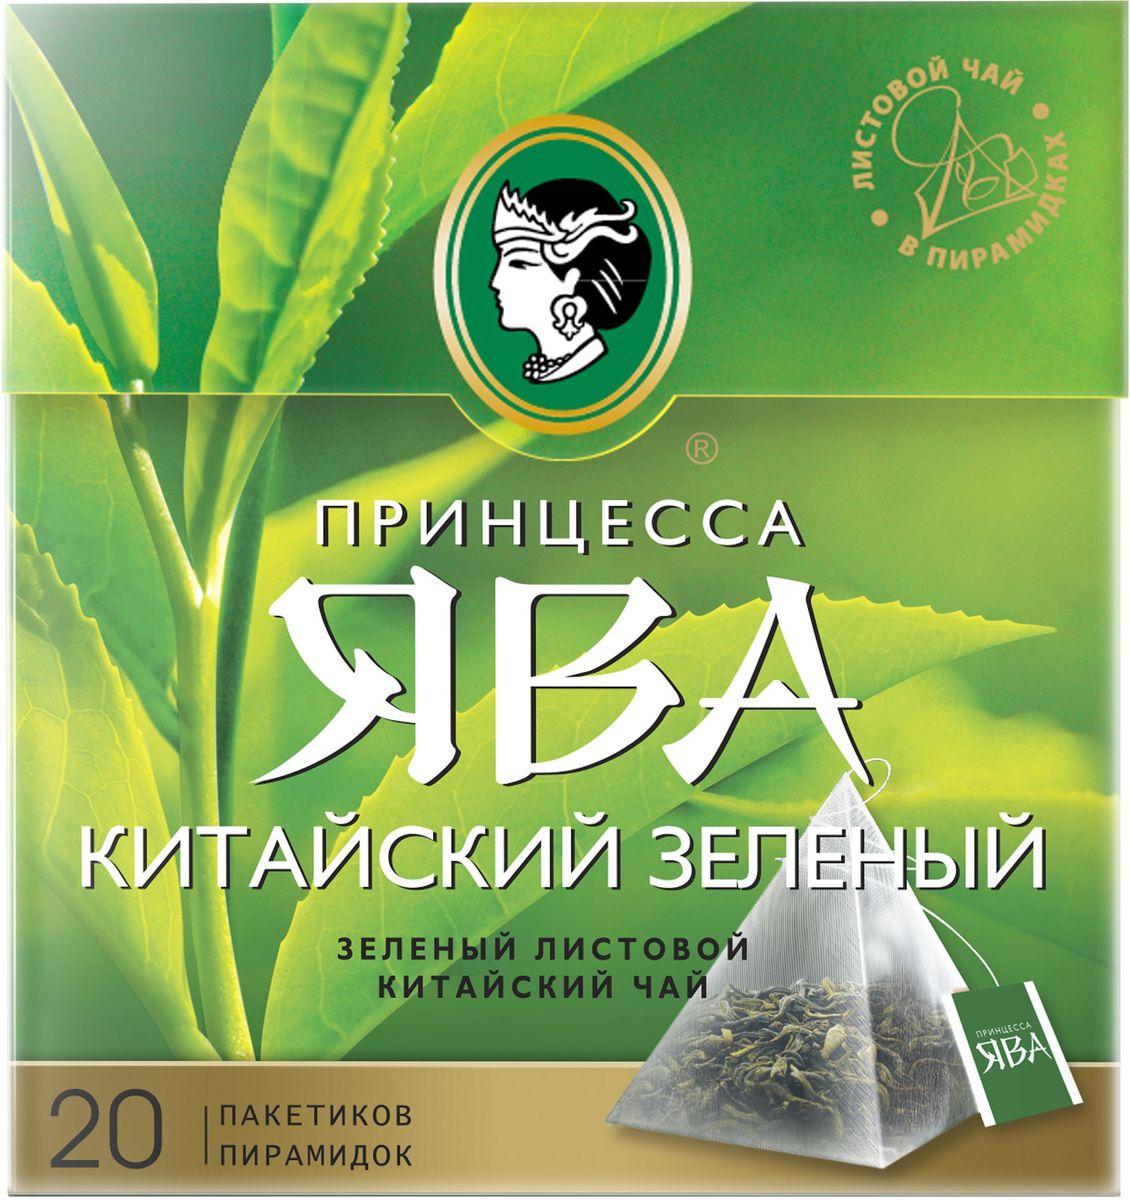 Принцесса Ява чай зеленый в пирамидках, 20 шт0944-18Легкий и гармоничный букет классического листового зеленого китайского чая, насыщенный тонкой горчинкой и приятными терпкими нотами, открывает характерный аромат, мягкое и хорошо выраженное послевкусие.